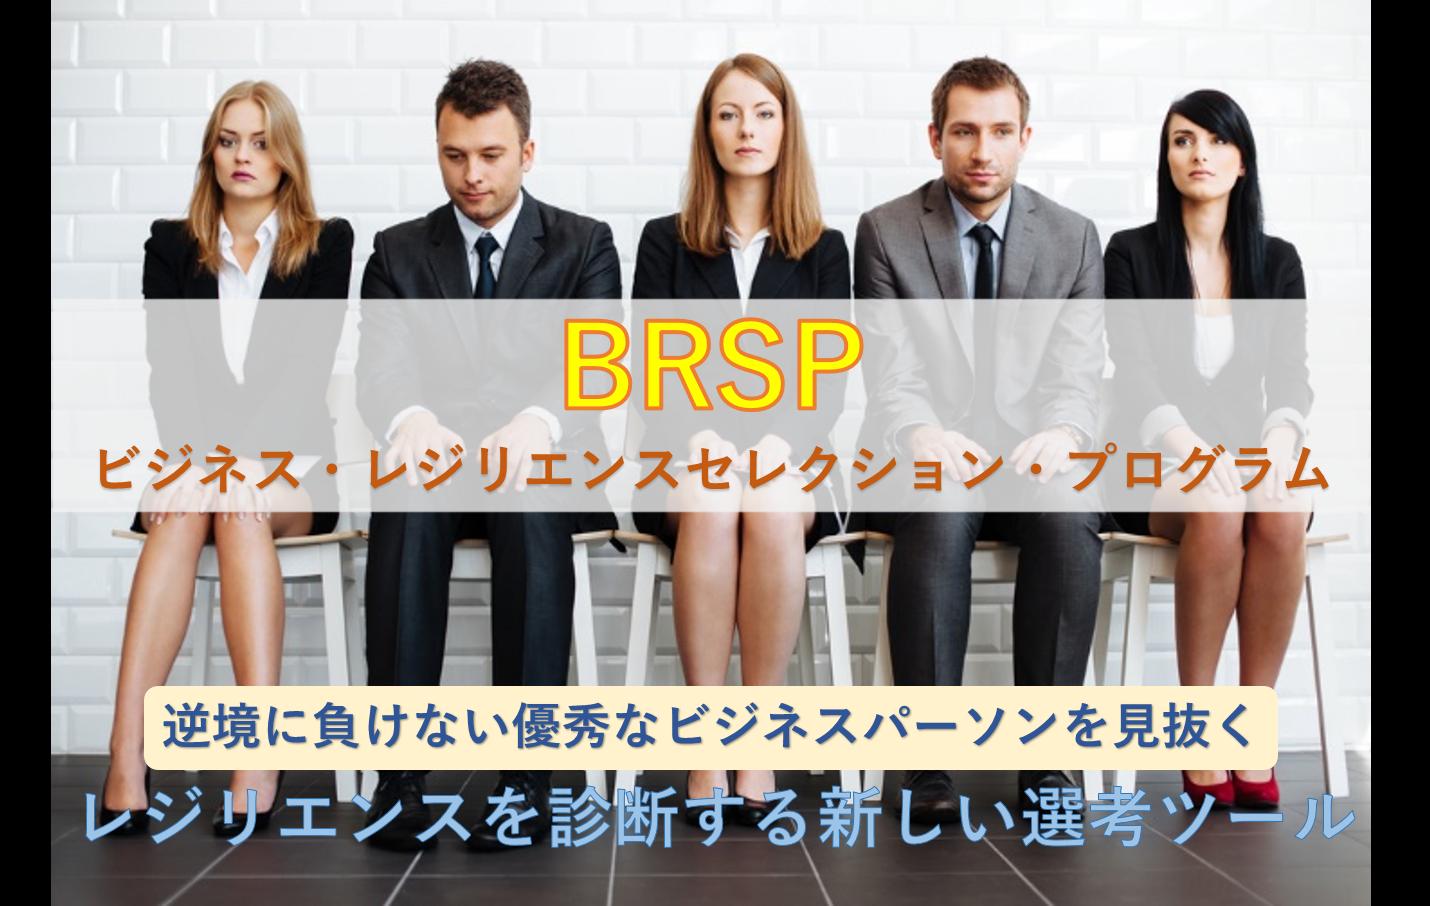 ヒューマンブリッジ、採用選考時にレジリエンスを見極める選考ツール「ビジネス・レジリエンスセレクション・プログラム(BRSP)」の提供を開始!